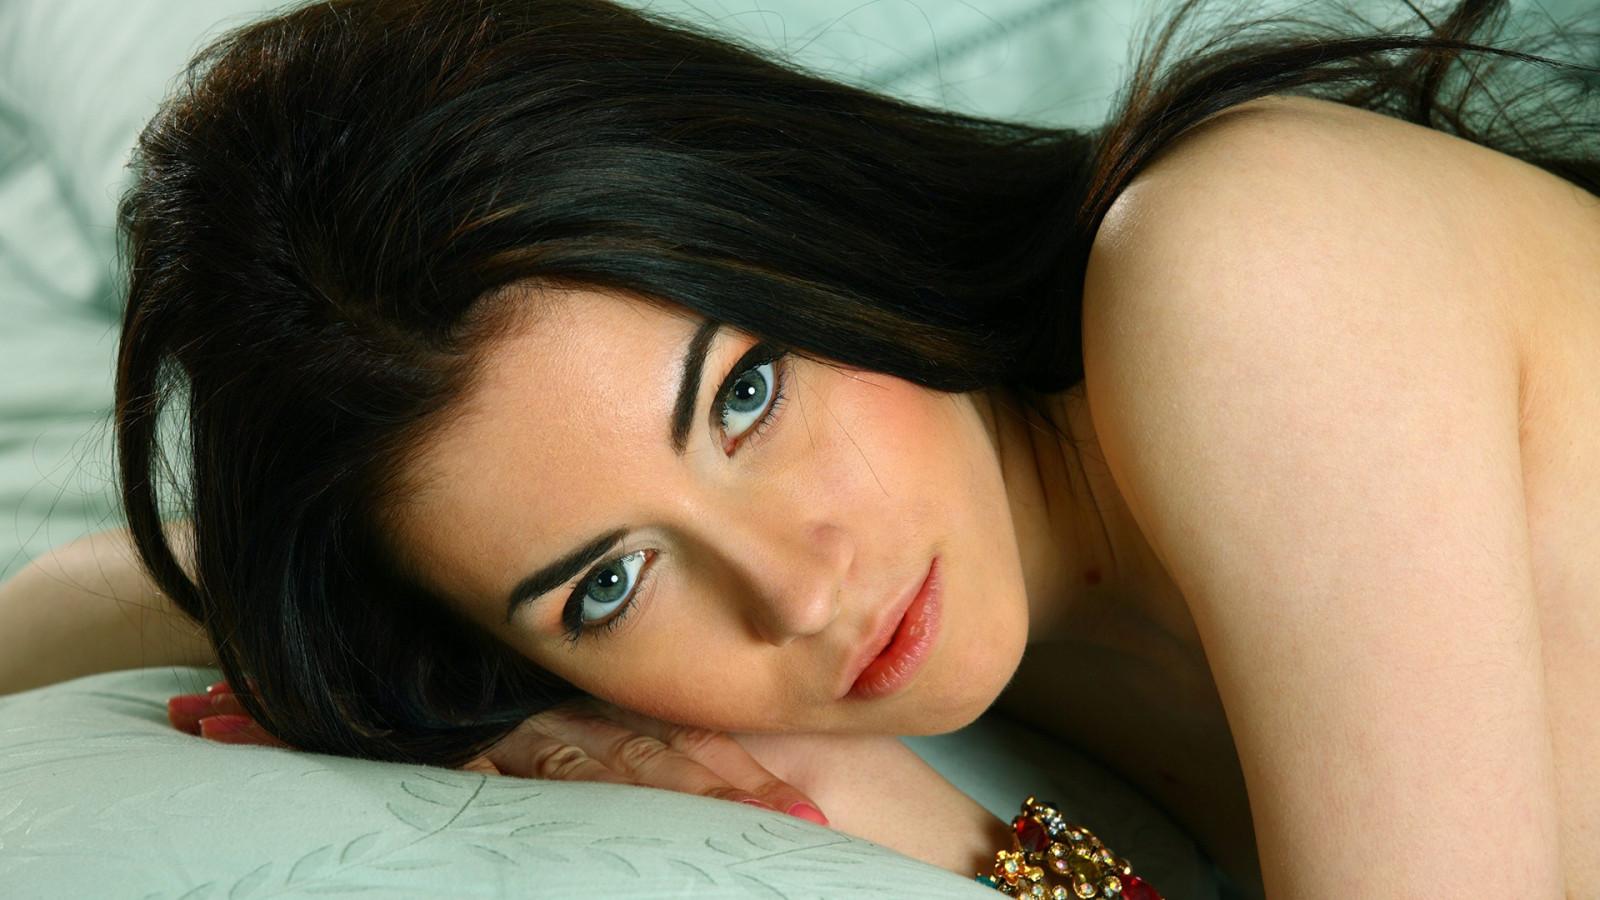 Wallpaper : women, model, long hair, blue eyes, brunette ...